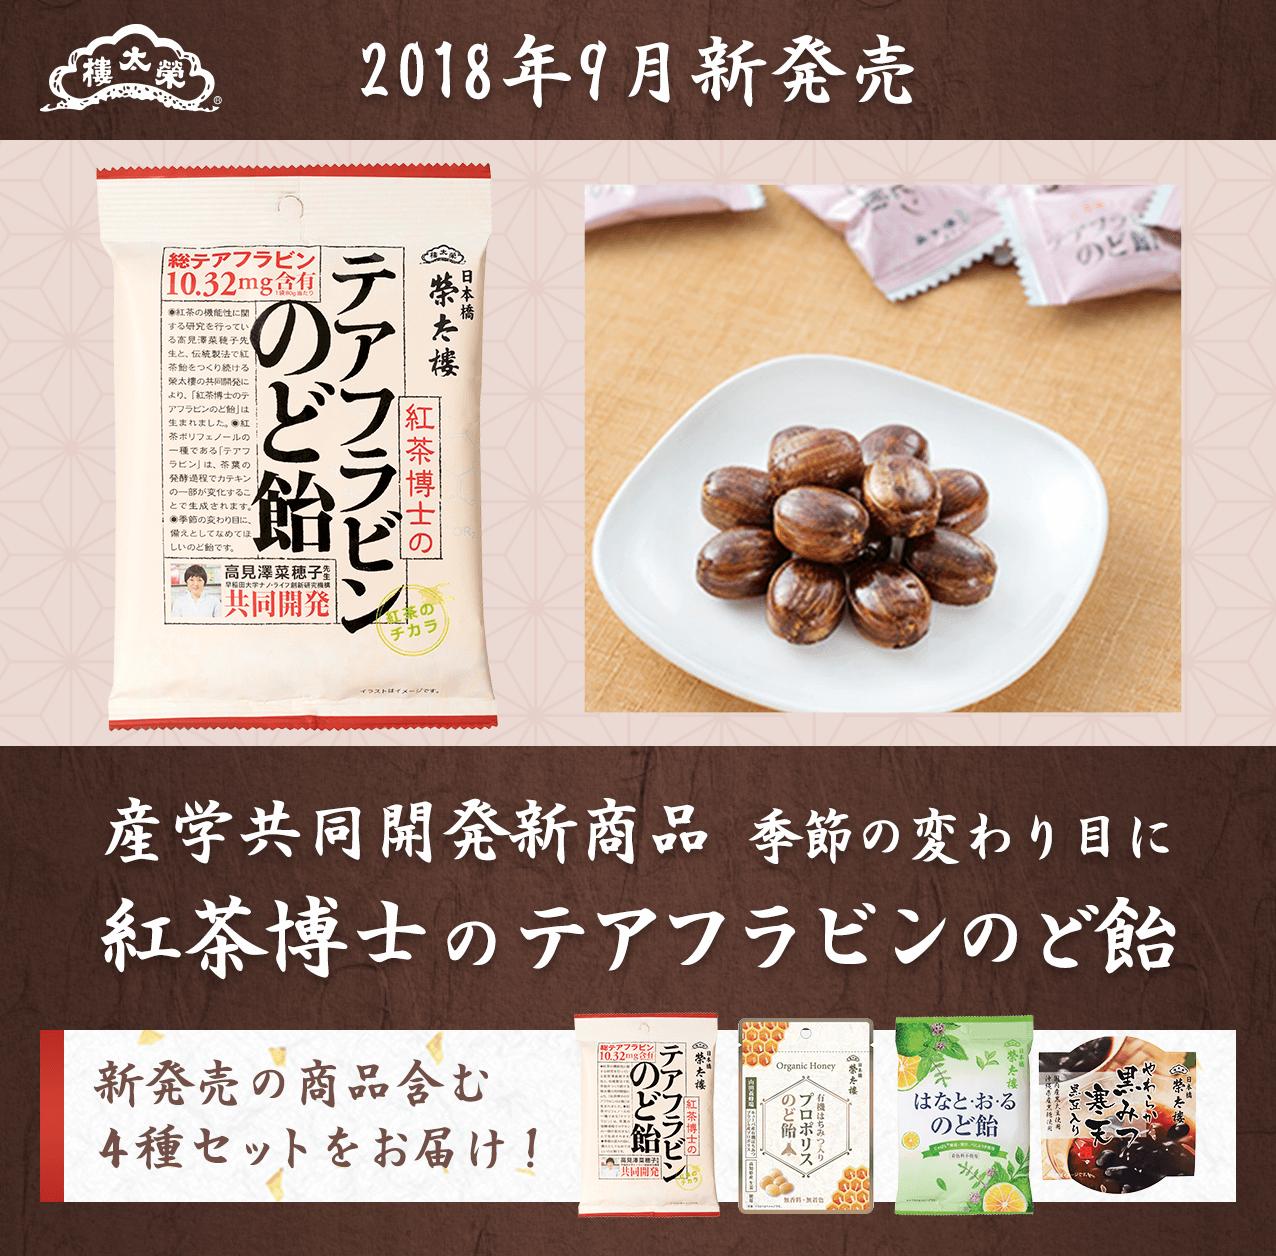 2018年9月新発売 産学共同開発新商品 季節の変わり目に「紅茶博士のテアフラビンのど飴」